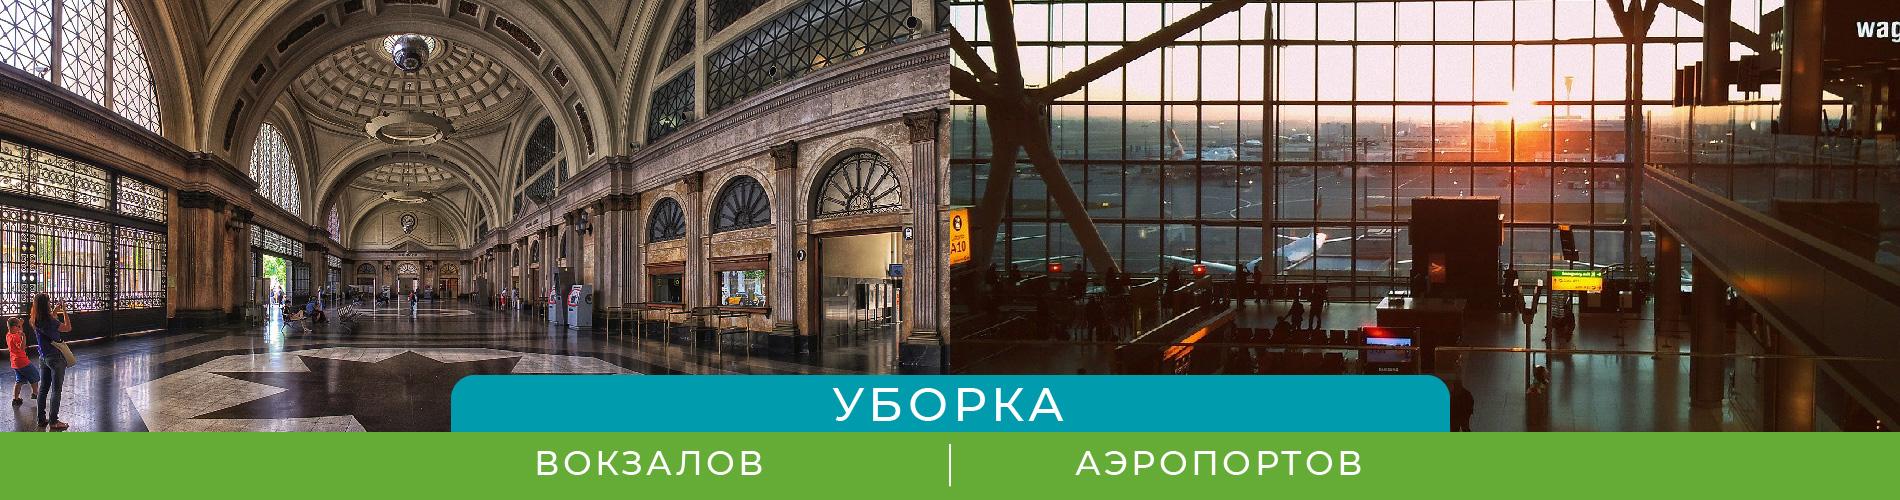 Уборка вокзалов и аэропортов